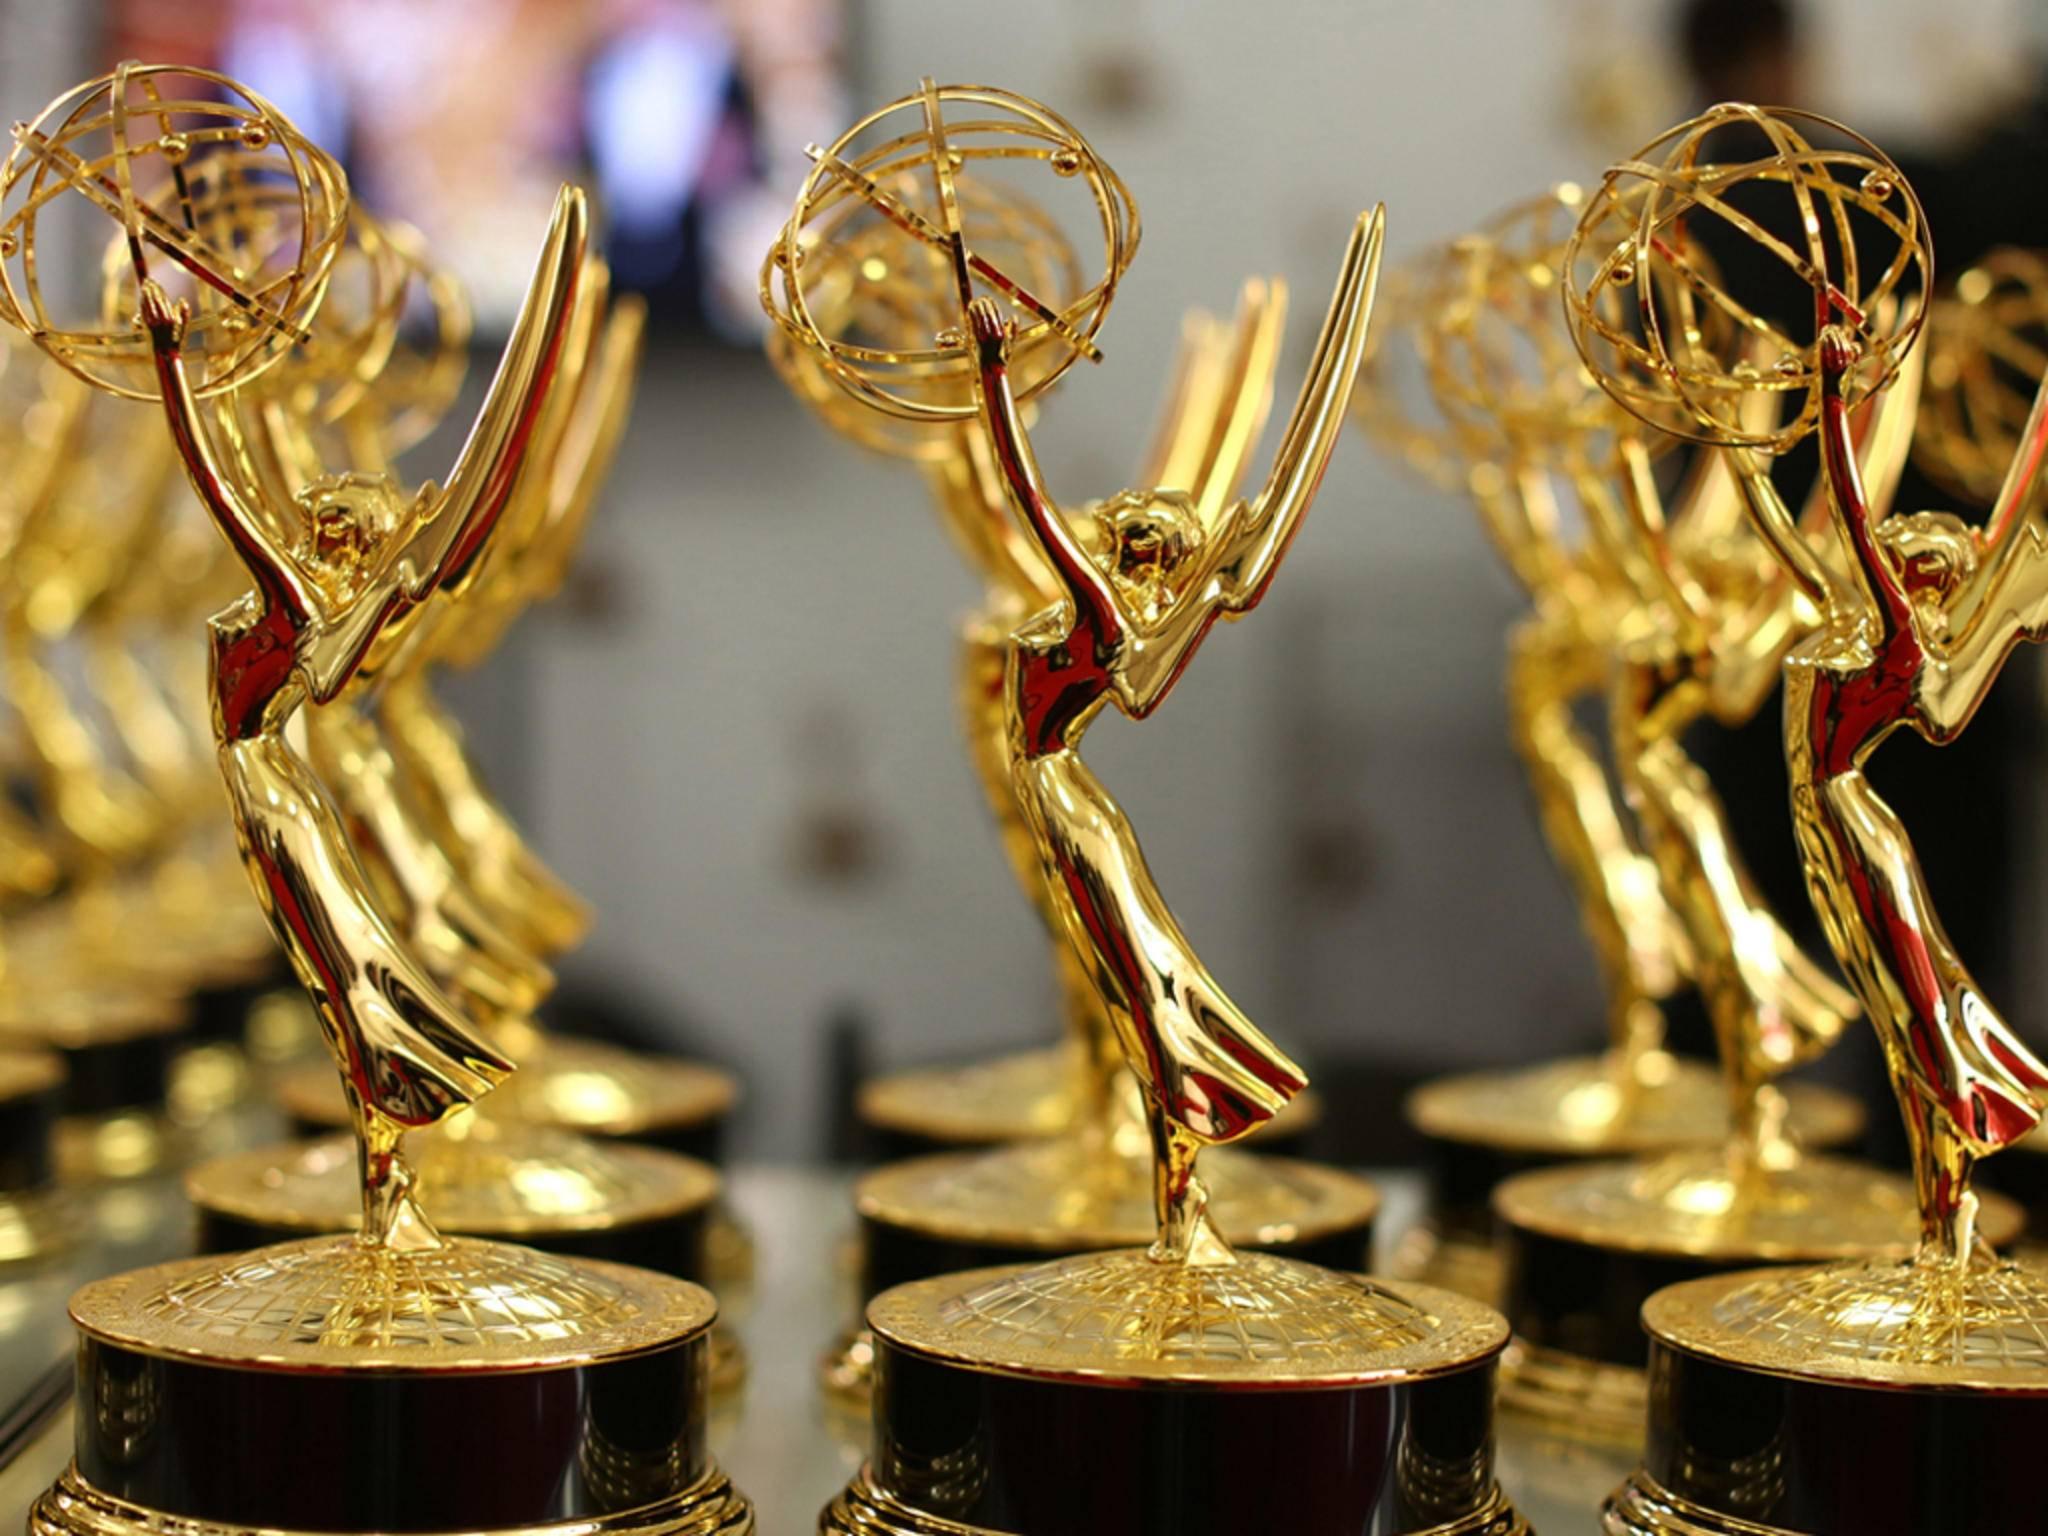 Der Emmy gehört zu den bedeutendsten Fernsehpreisen in den USA.